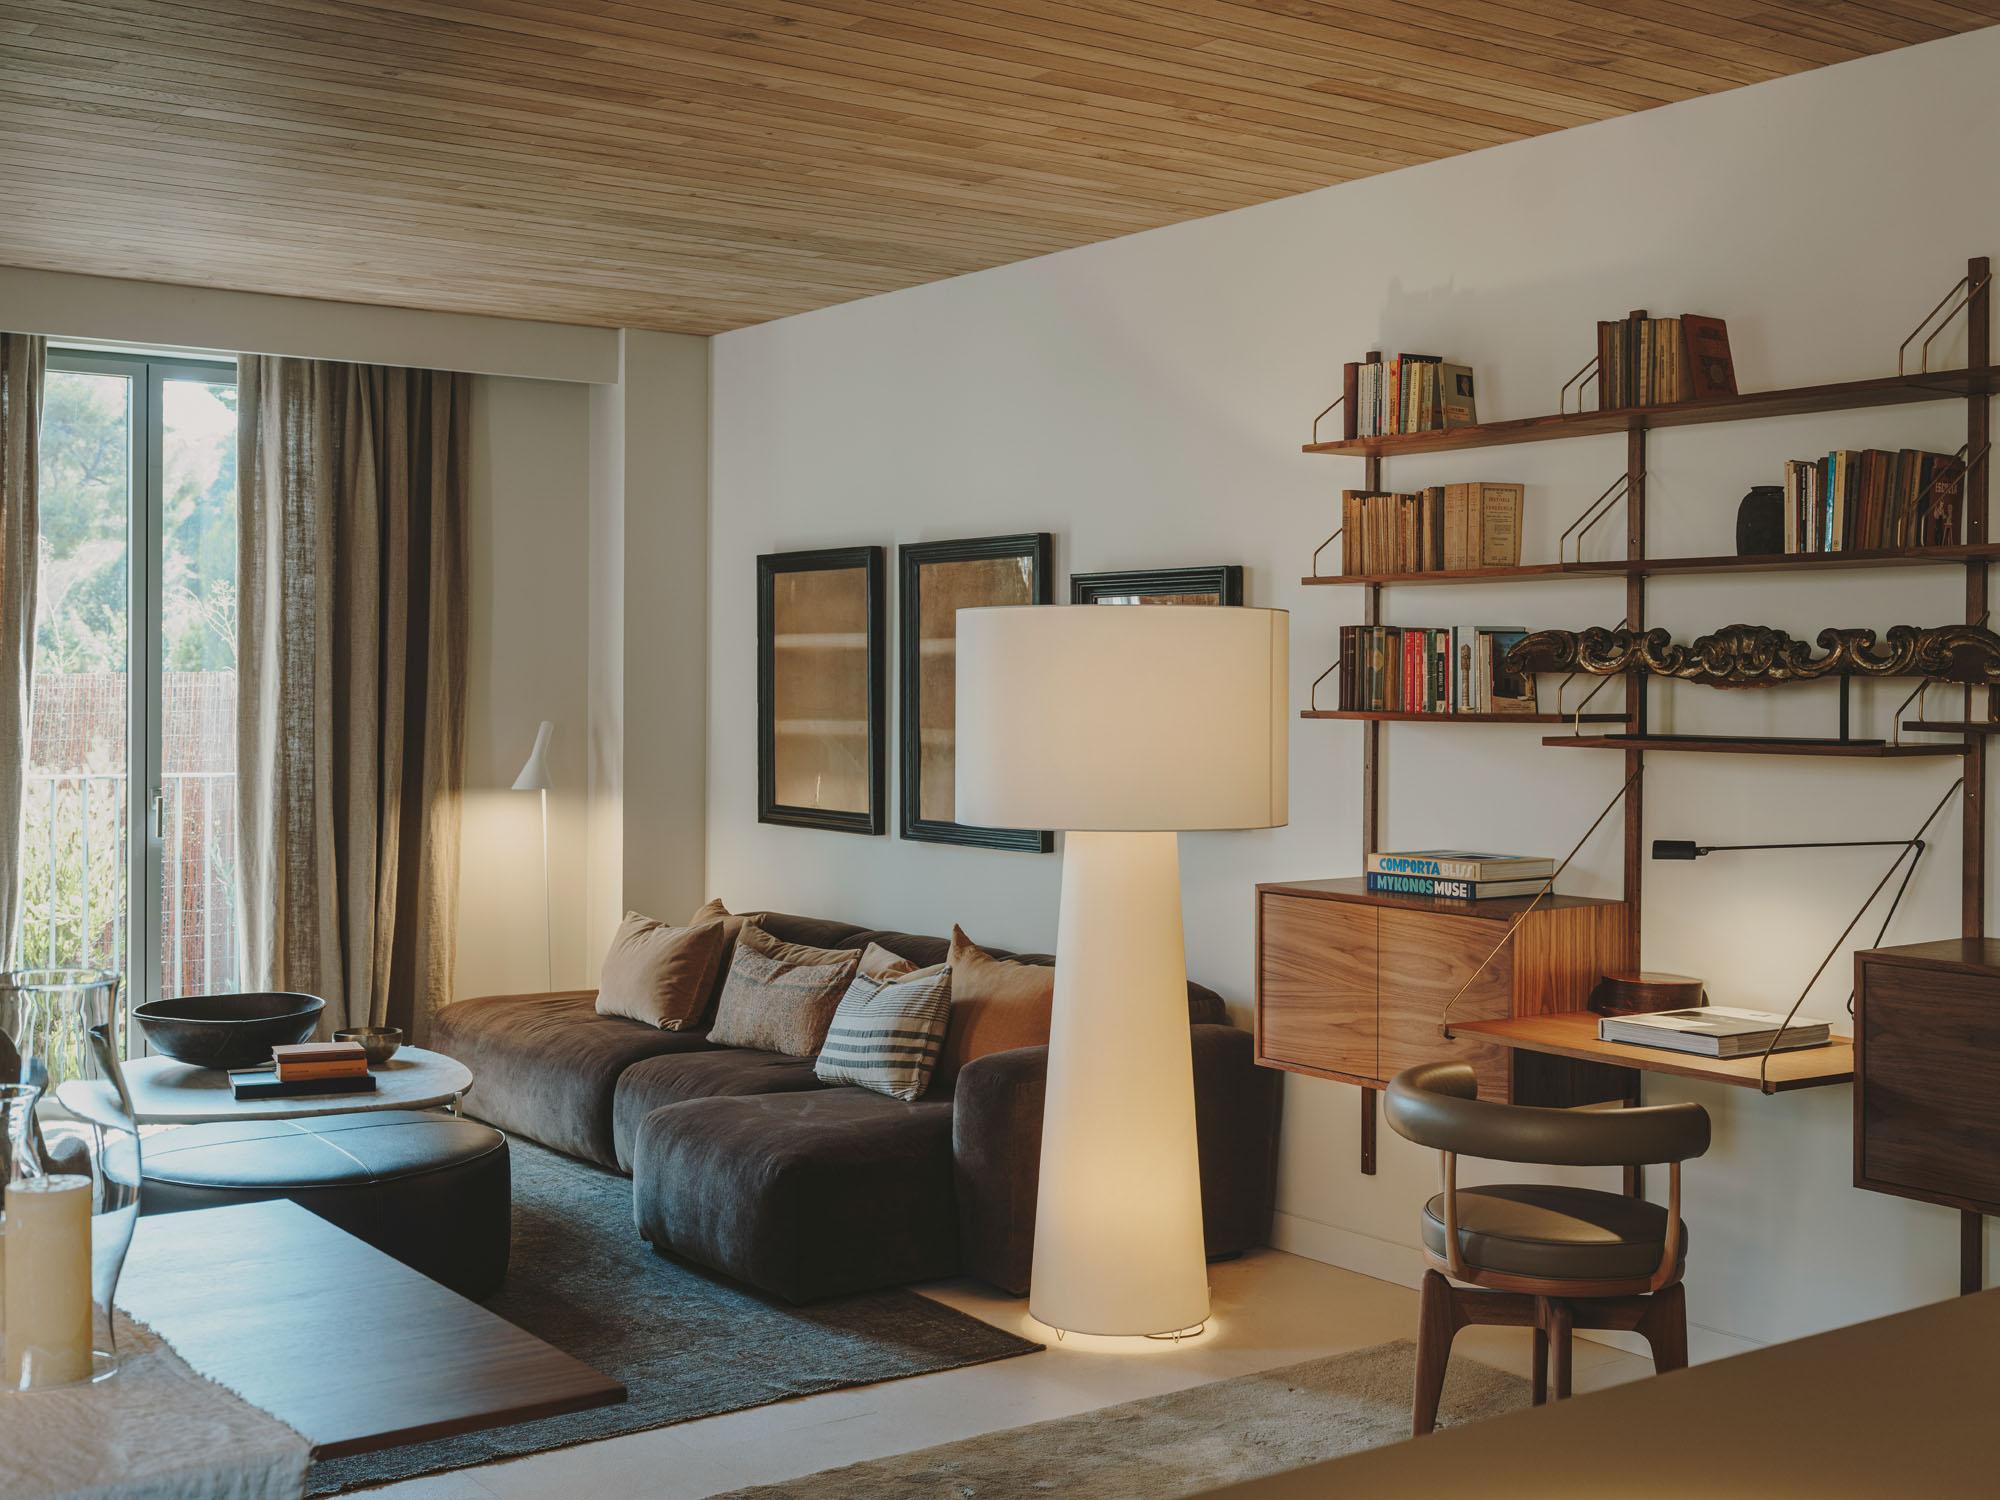 Top Interioristas: Proyectos lujuosos y elegantes en Madrid top interioristas Top Interioristas: Proyectos lujuosos y elegantes en Madrid Isabel lopez Vilalta